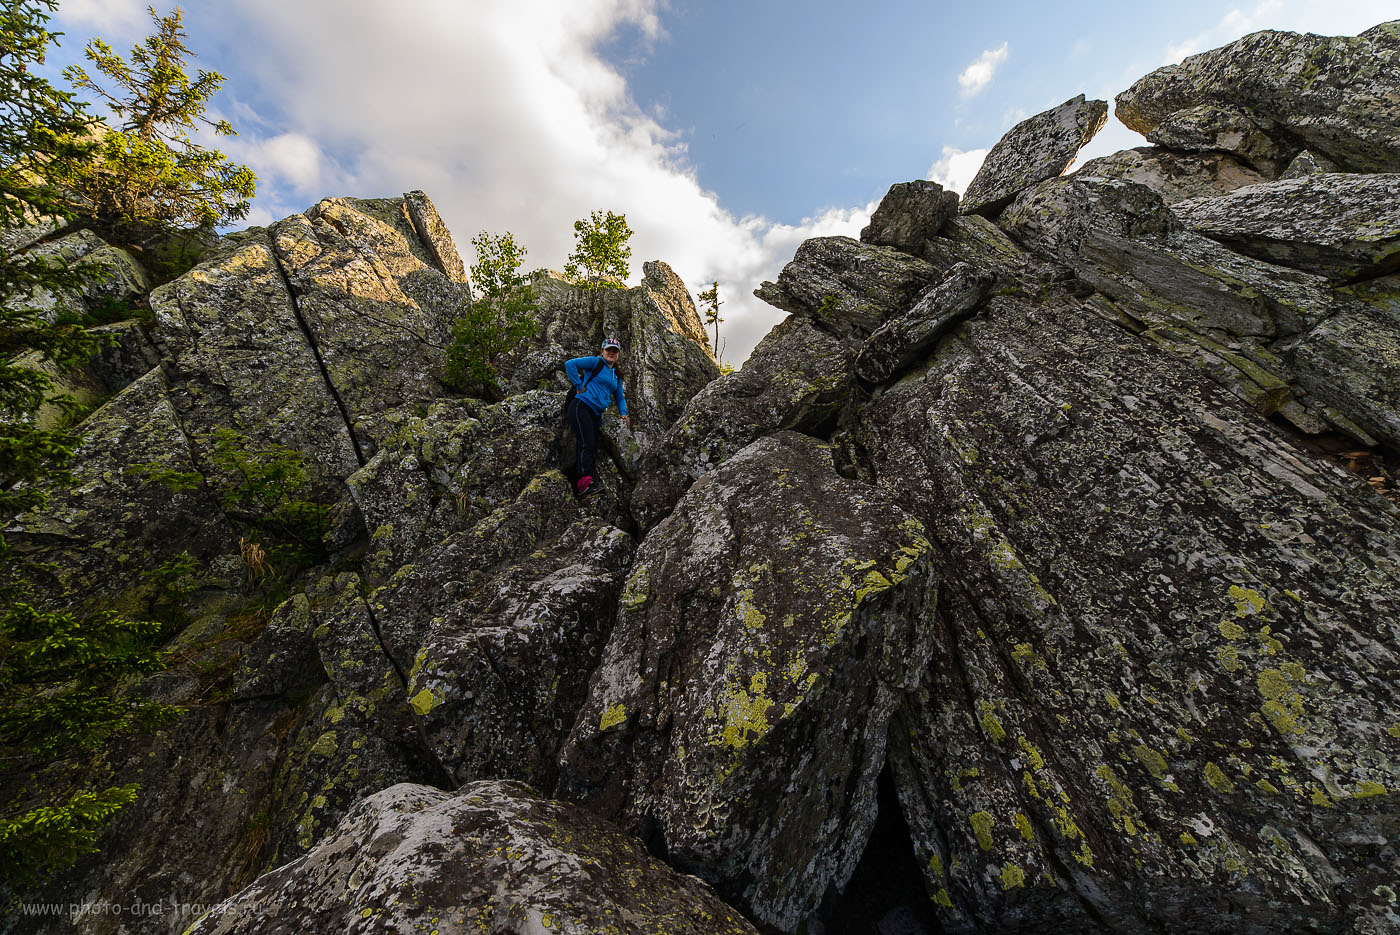 17. Я всегда говорил, что масштаб гор легче передать, если снимать фотографию на телеобъектив. Как видно, и ширик Самъянг 14/2,8 для этого тоже годится. Вершина горы Малиновая (160, 14, 8.0, 1/80) на окраине Белорецка